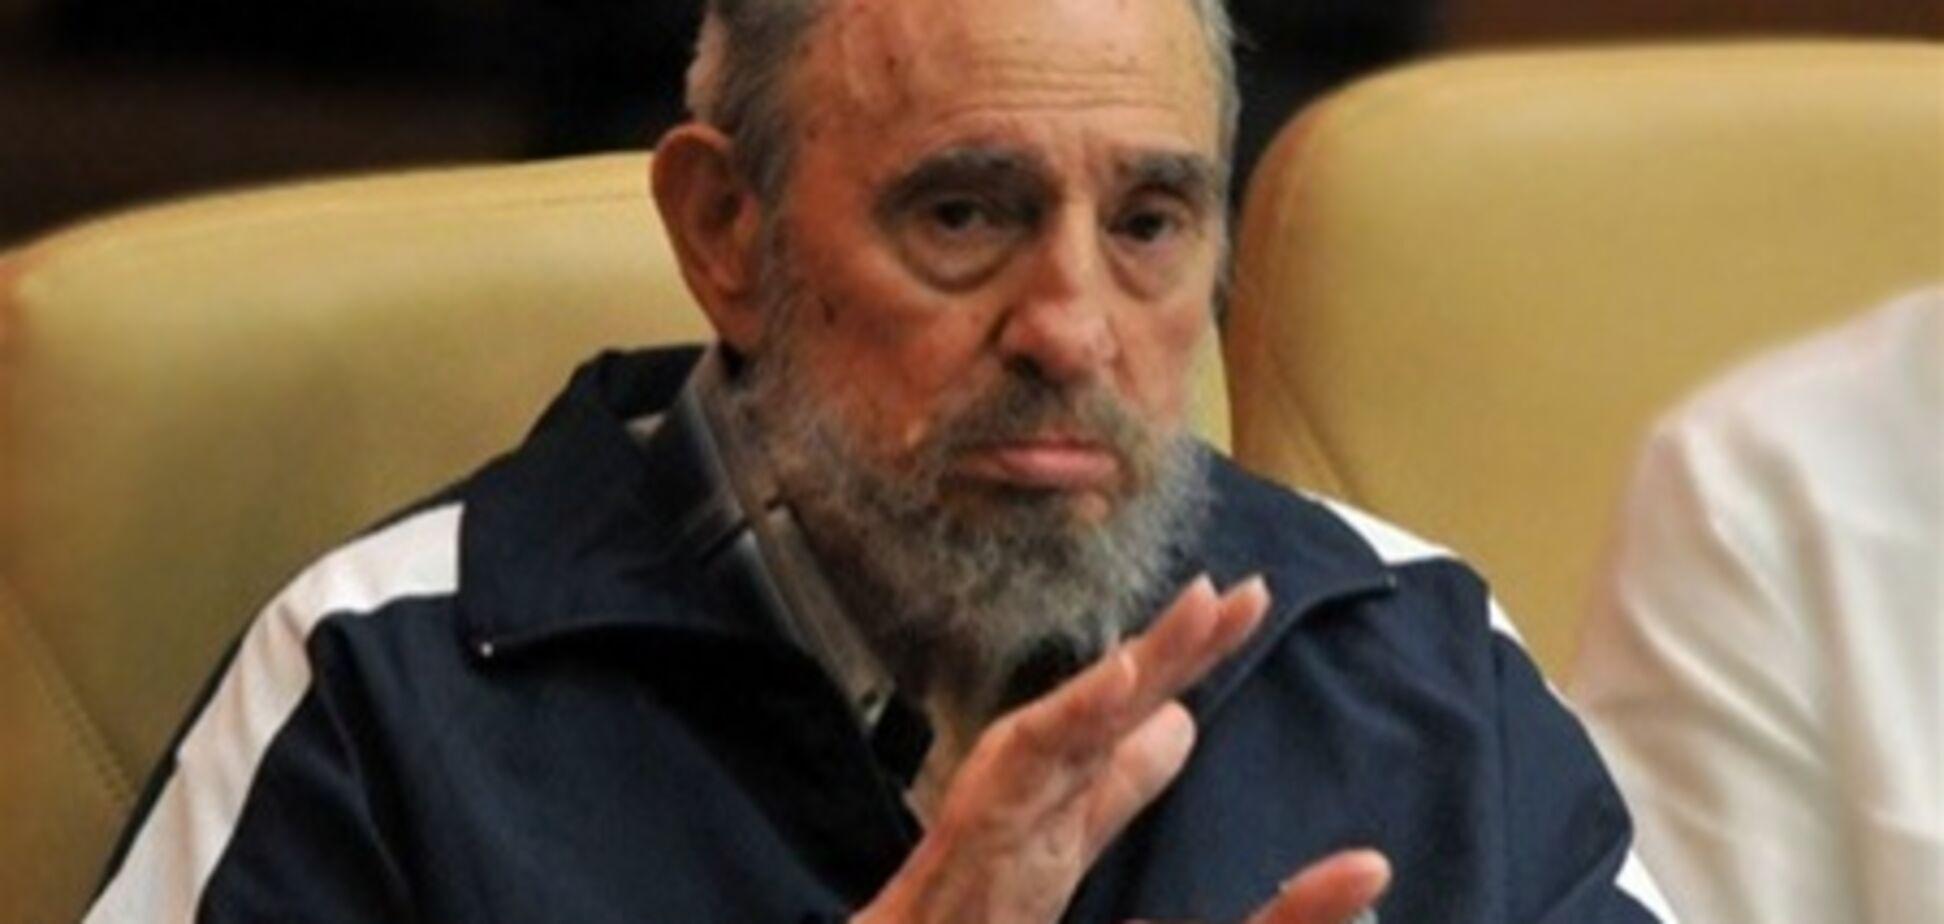 ЗМІ: у Фіделя Кастро стався інсульт